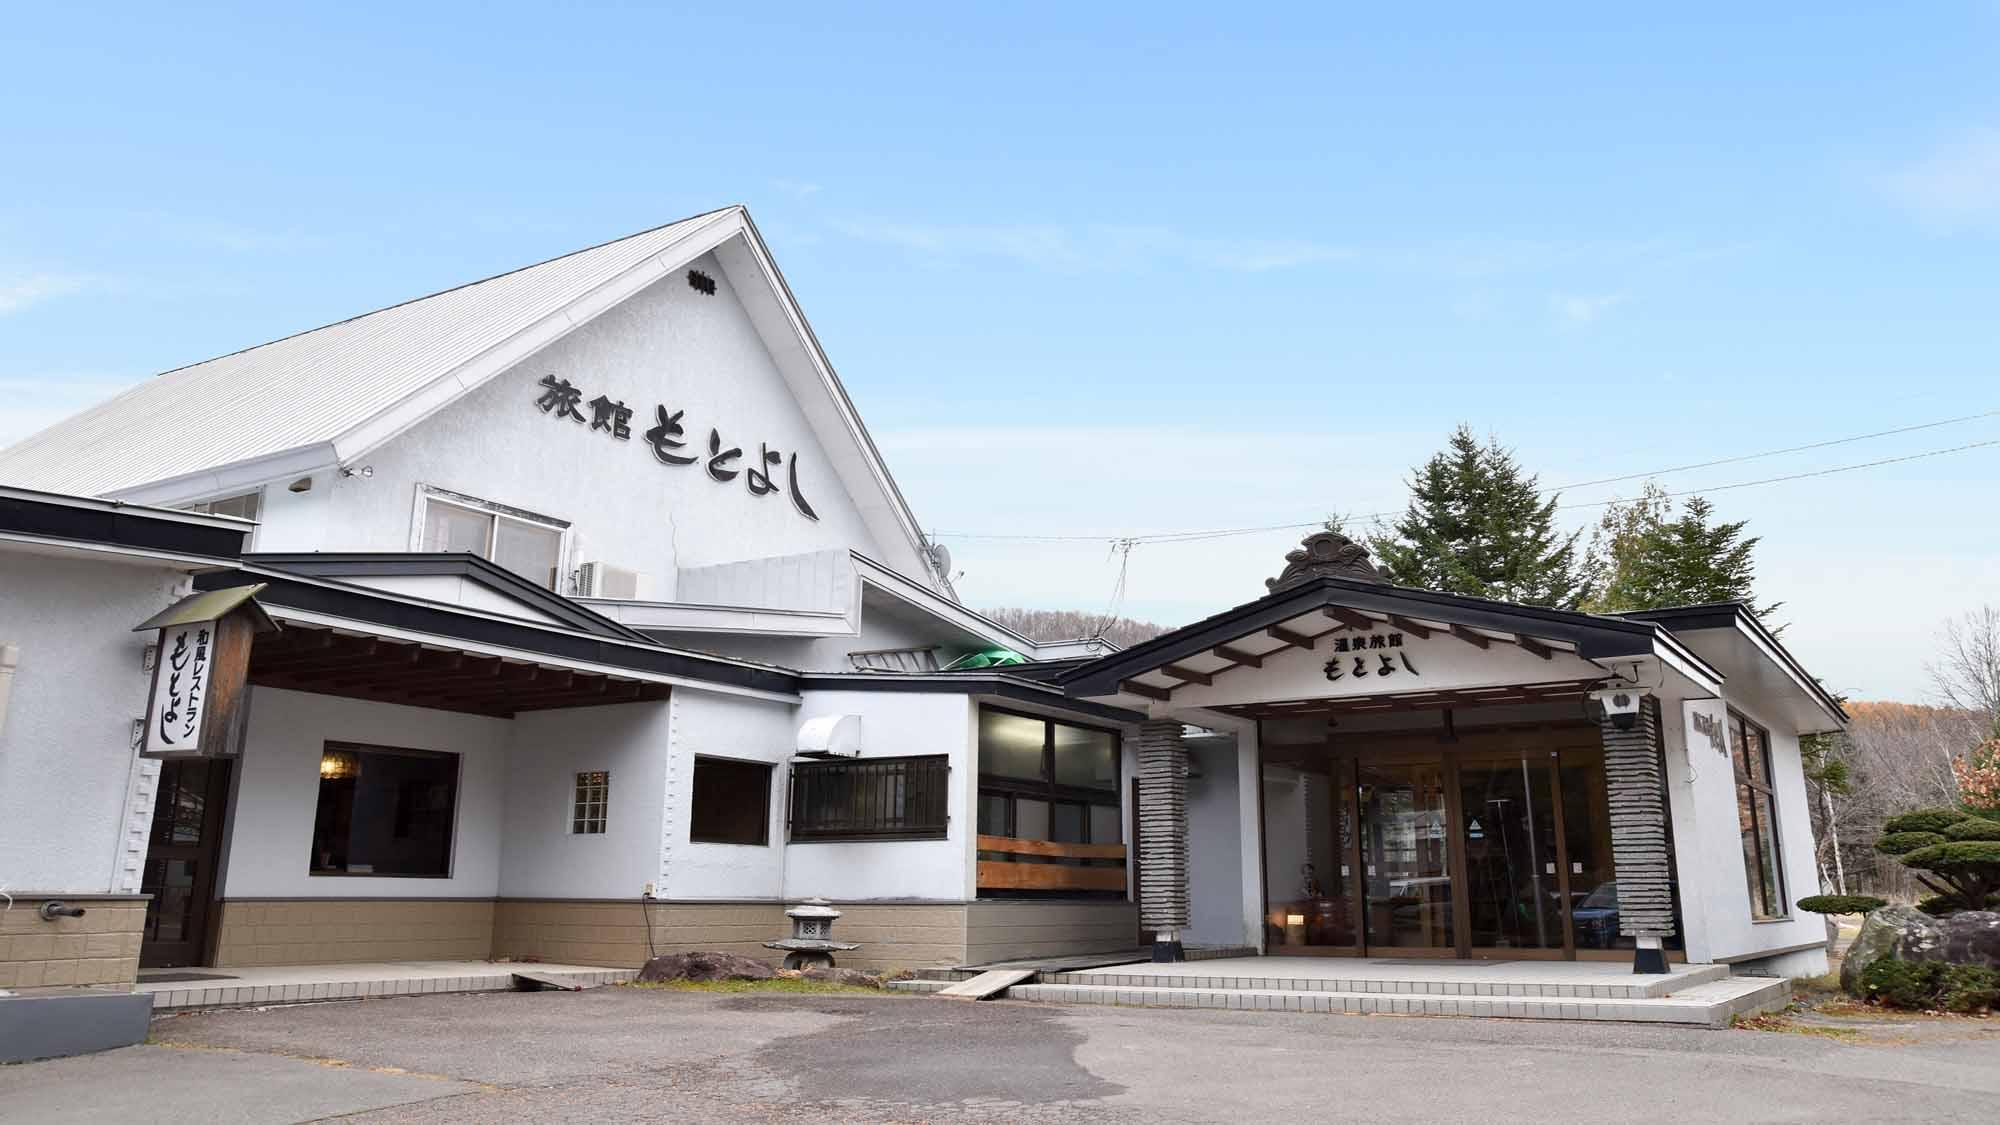 網走湖温泉 温泉旅館もとよし image